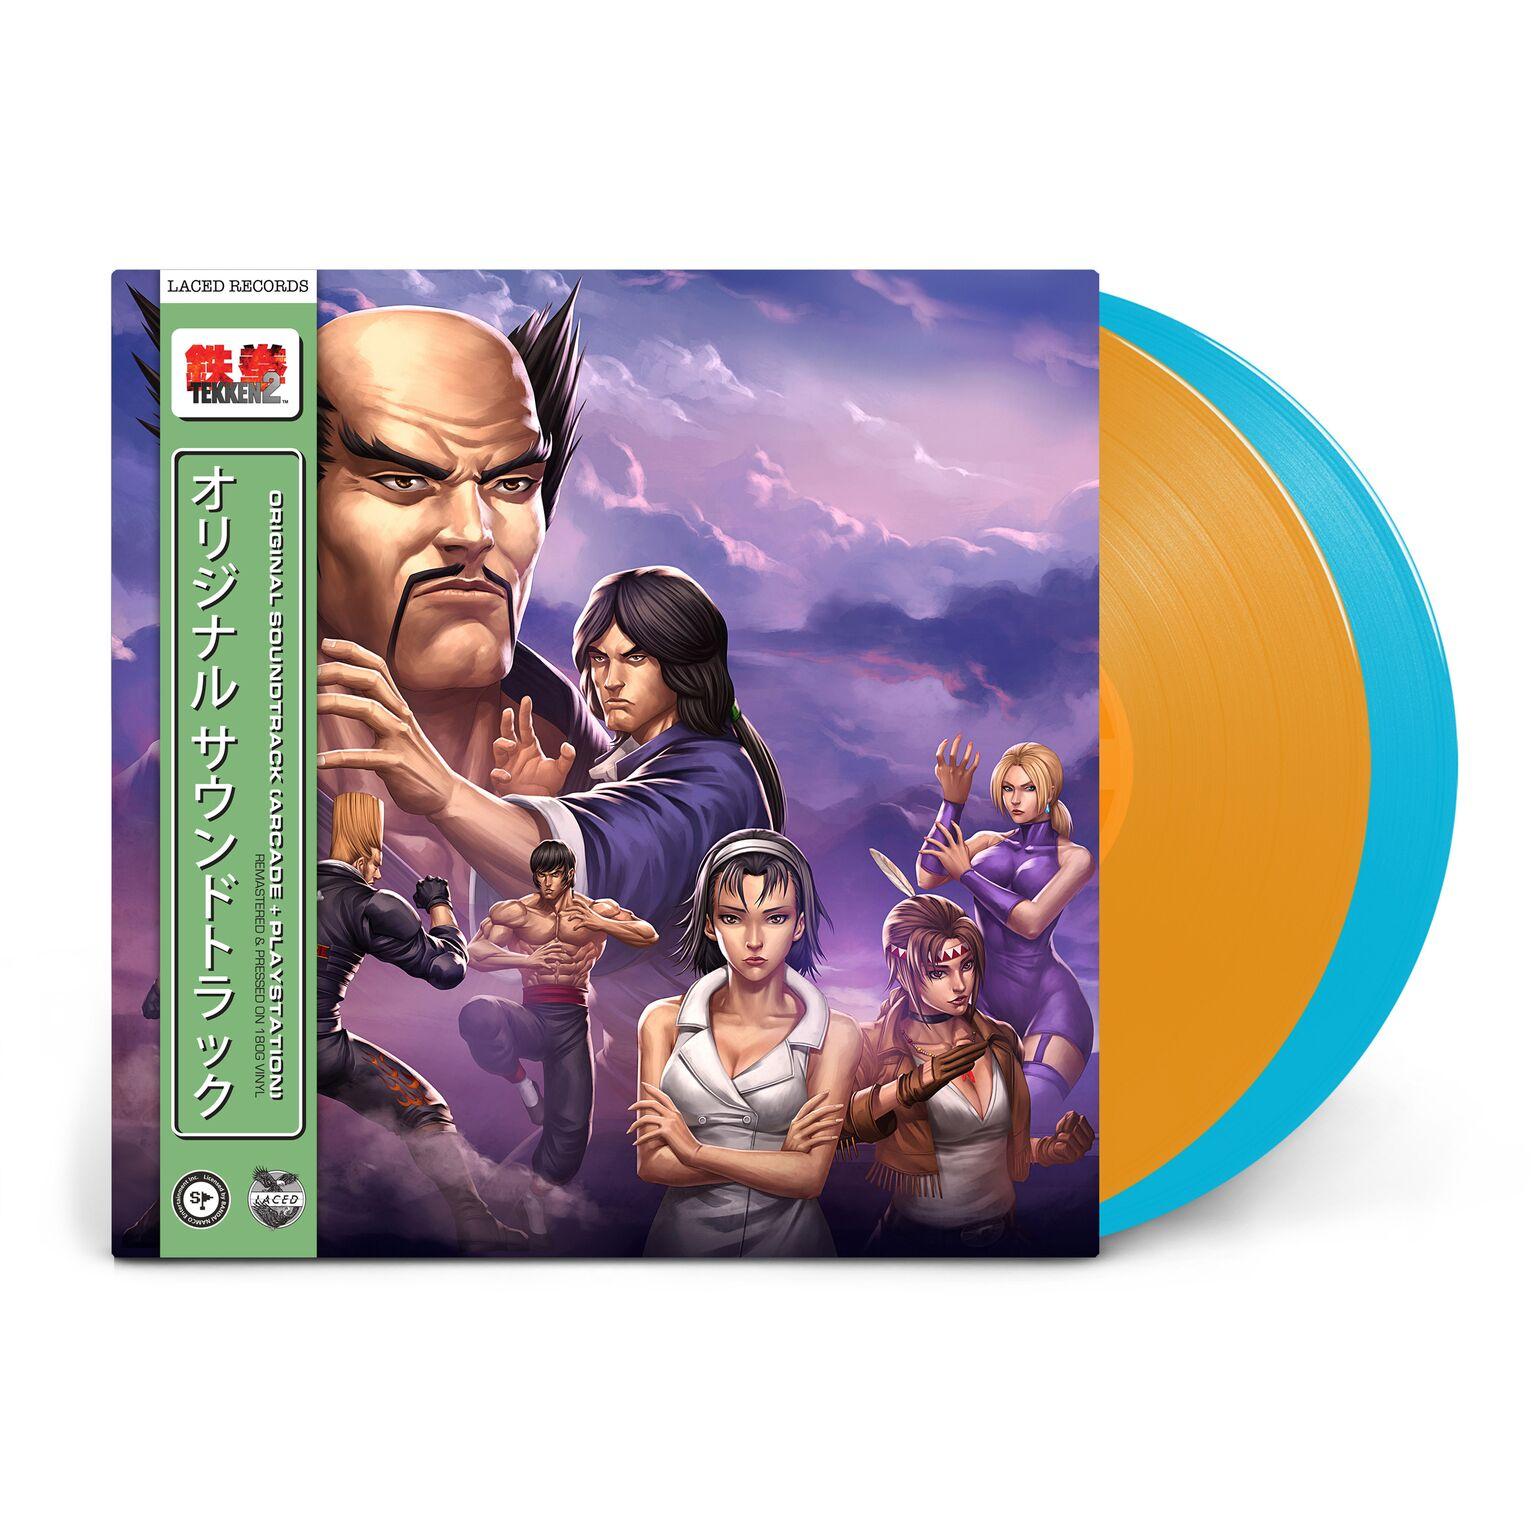 TEKKEN Soundtrack on Vinyl